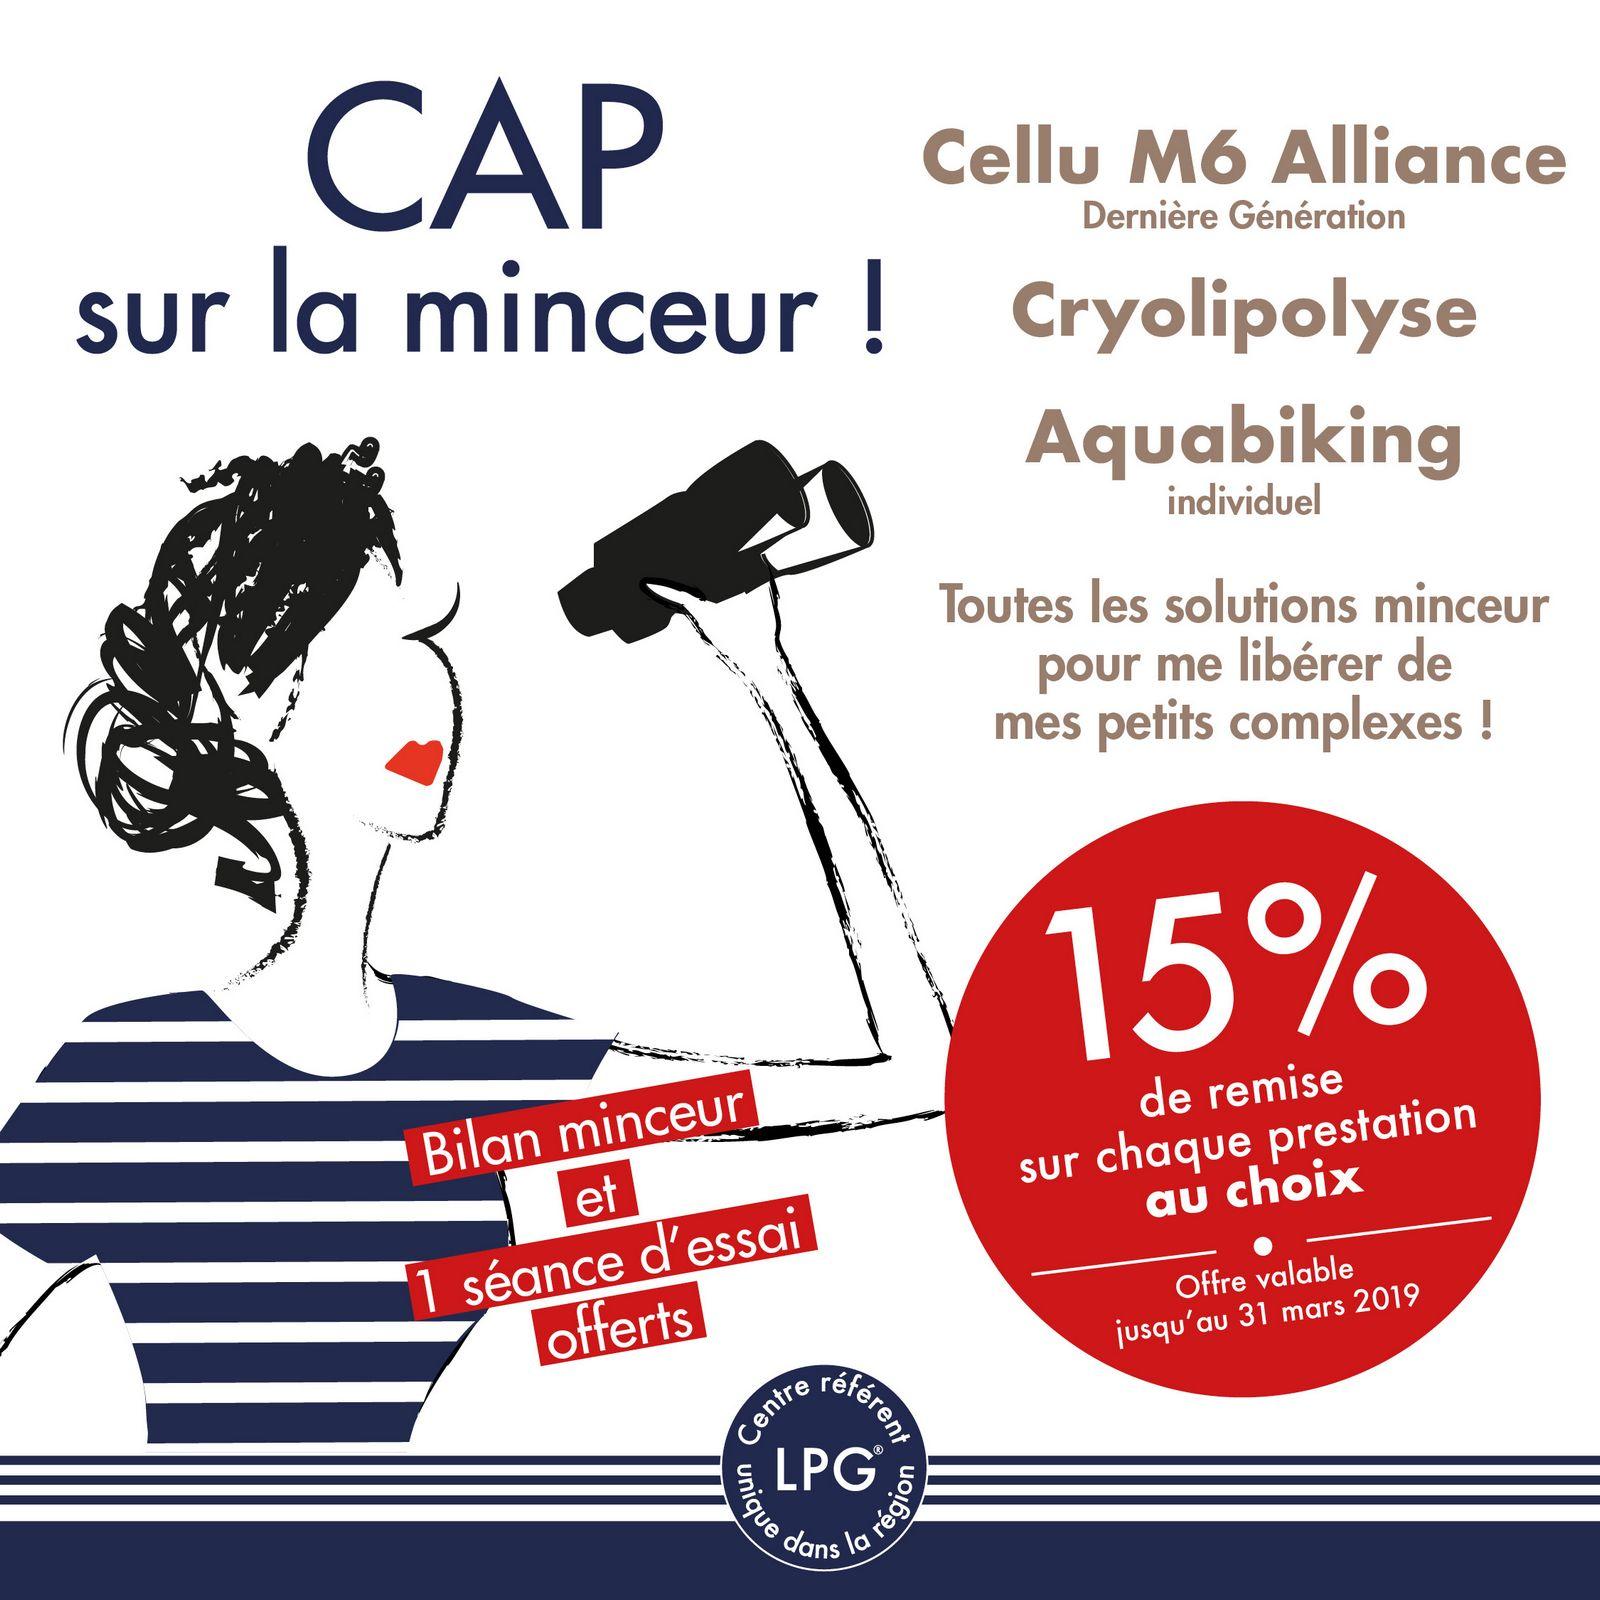 15 de remise cellu m6 alliance cryolipolyse - La baignoire poitiers ...